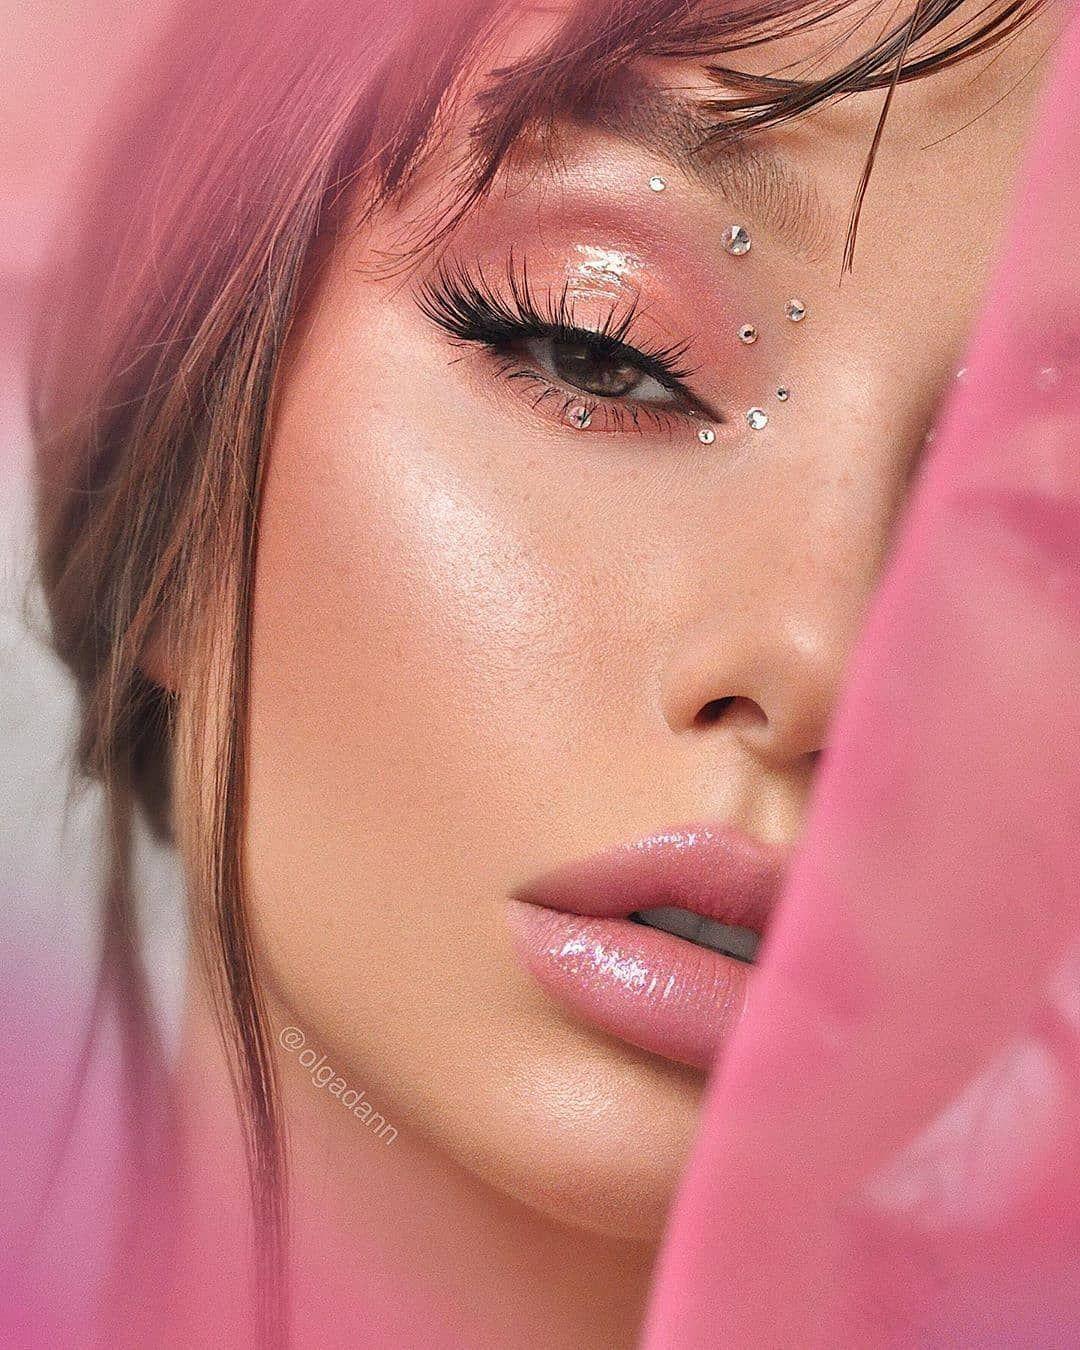 Çekim UDealing   Online Store  Aesthetic makeup #Aesthetic #makeup #Online #sto...